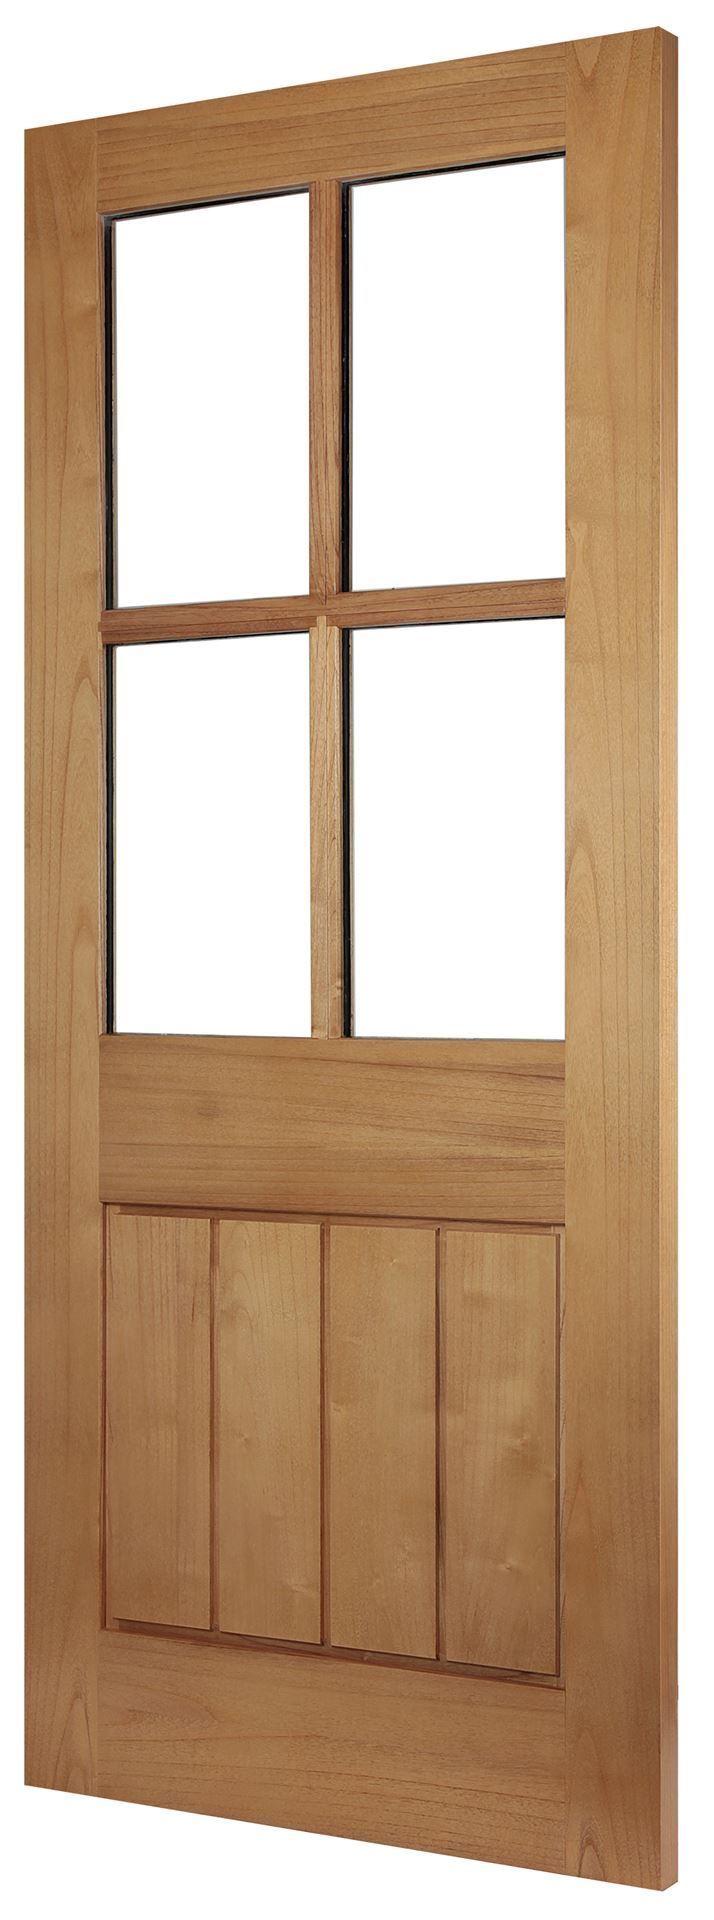 Part of our Essentials range of External doors this door offers great quality ... & 48 best External Doors images on Pinterest | Door entry Entrance ...